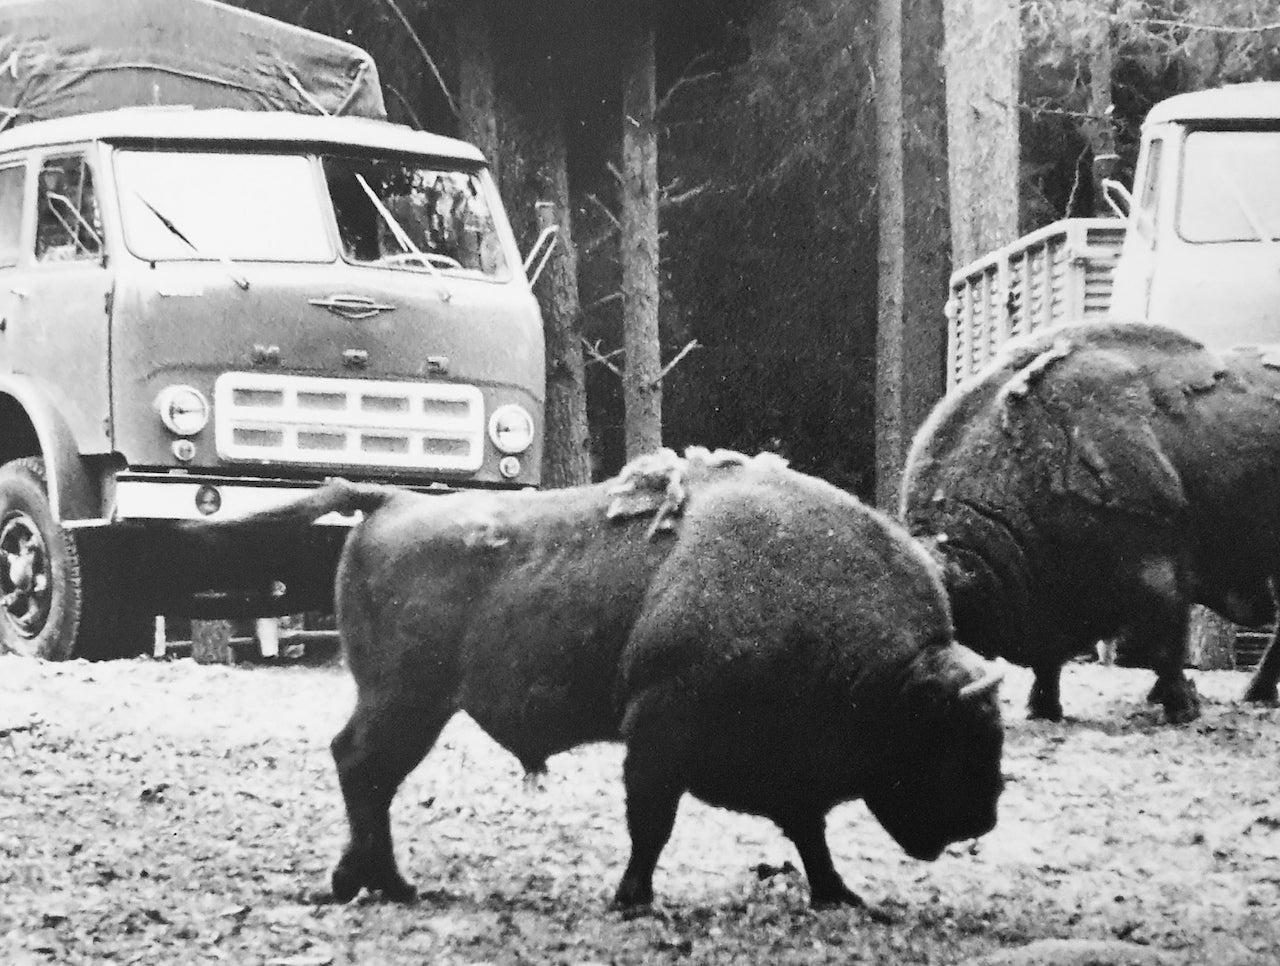 Restoration of bison in Belovezhskaya Pushcha. Photo from the exposition of the Museum of Belovezhskaya Pushcha. 1950s